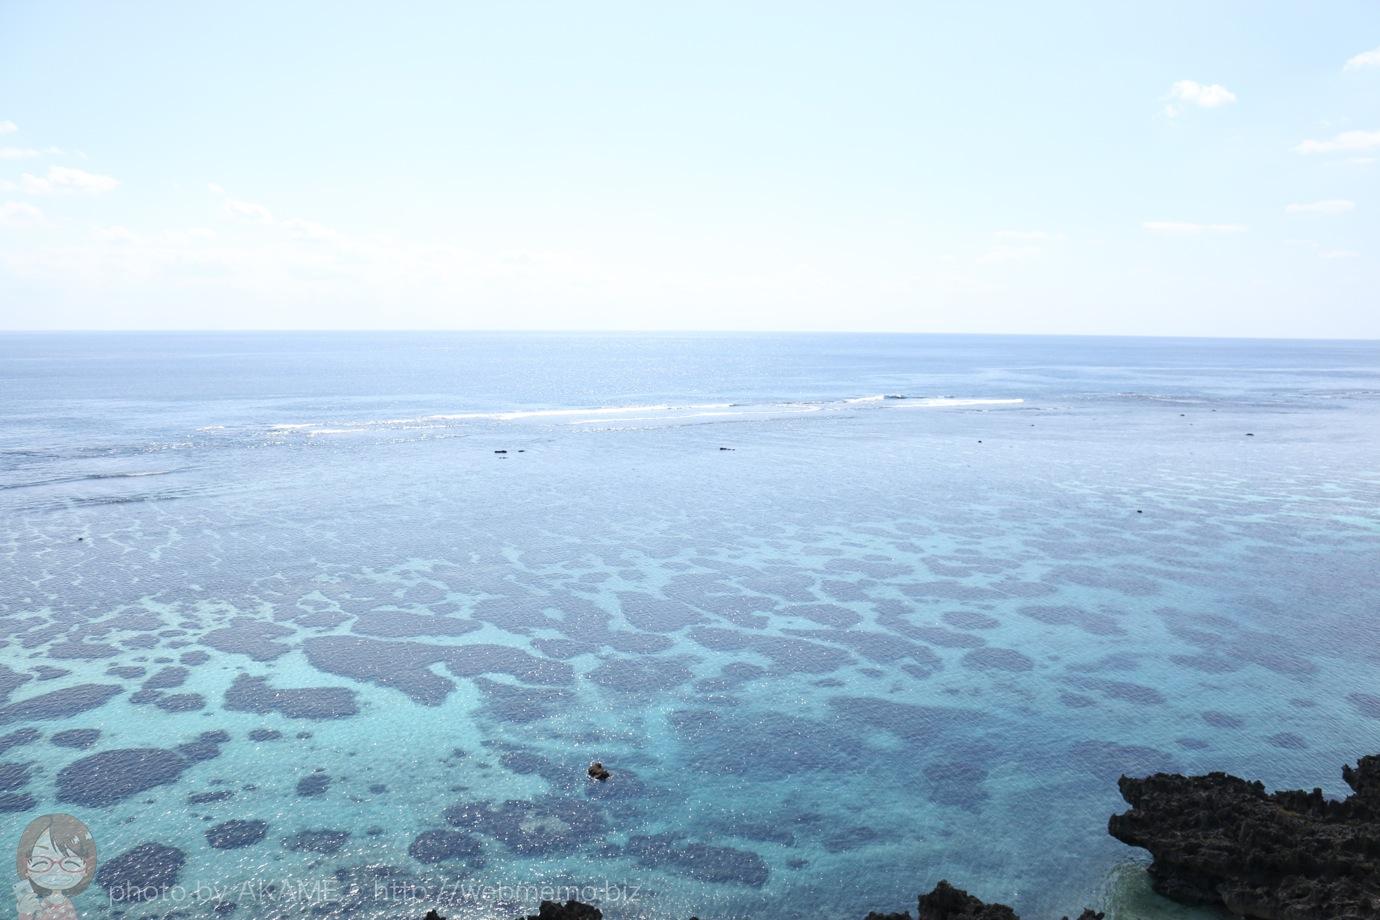 イムギャーマリンガーデン 展望台からの景色